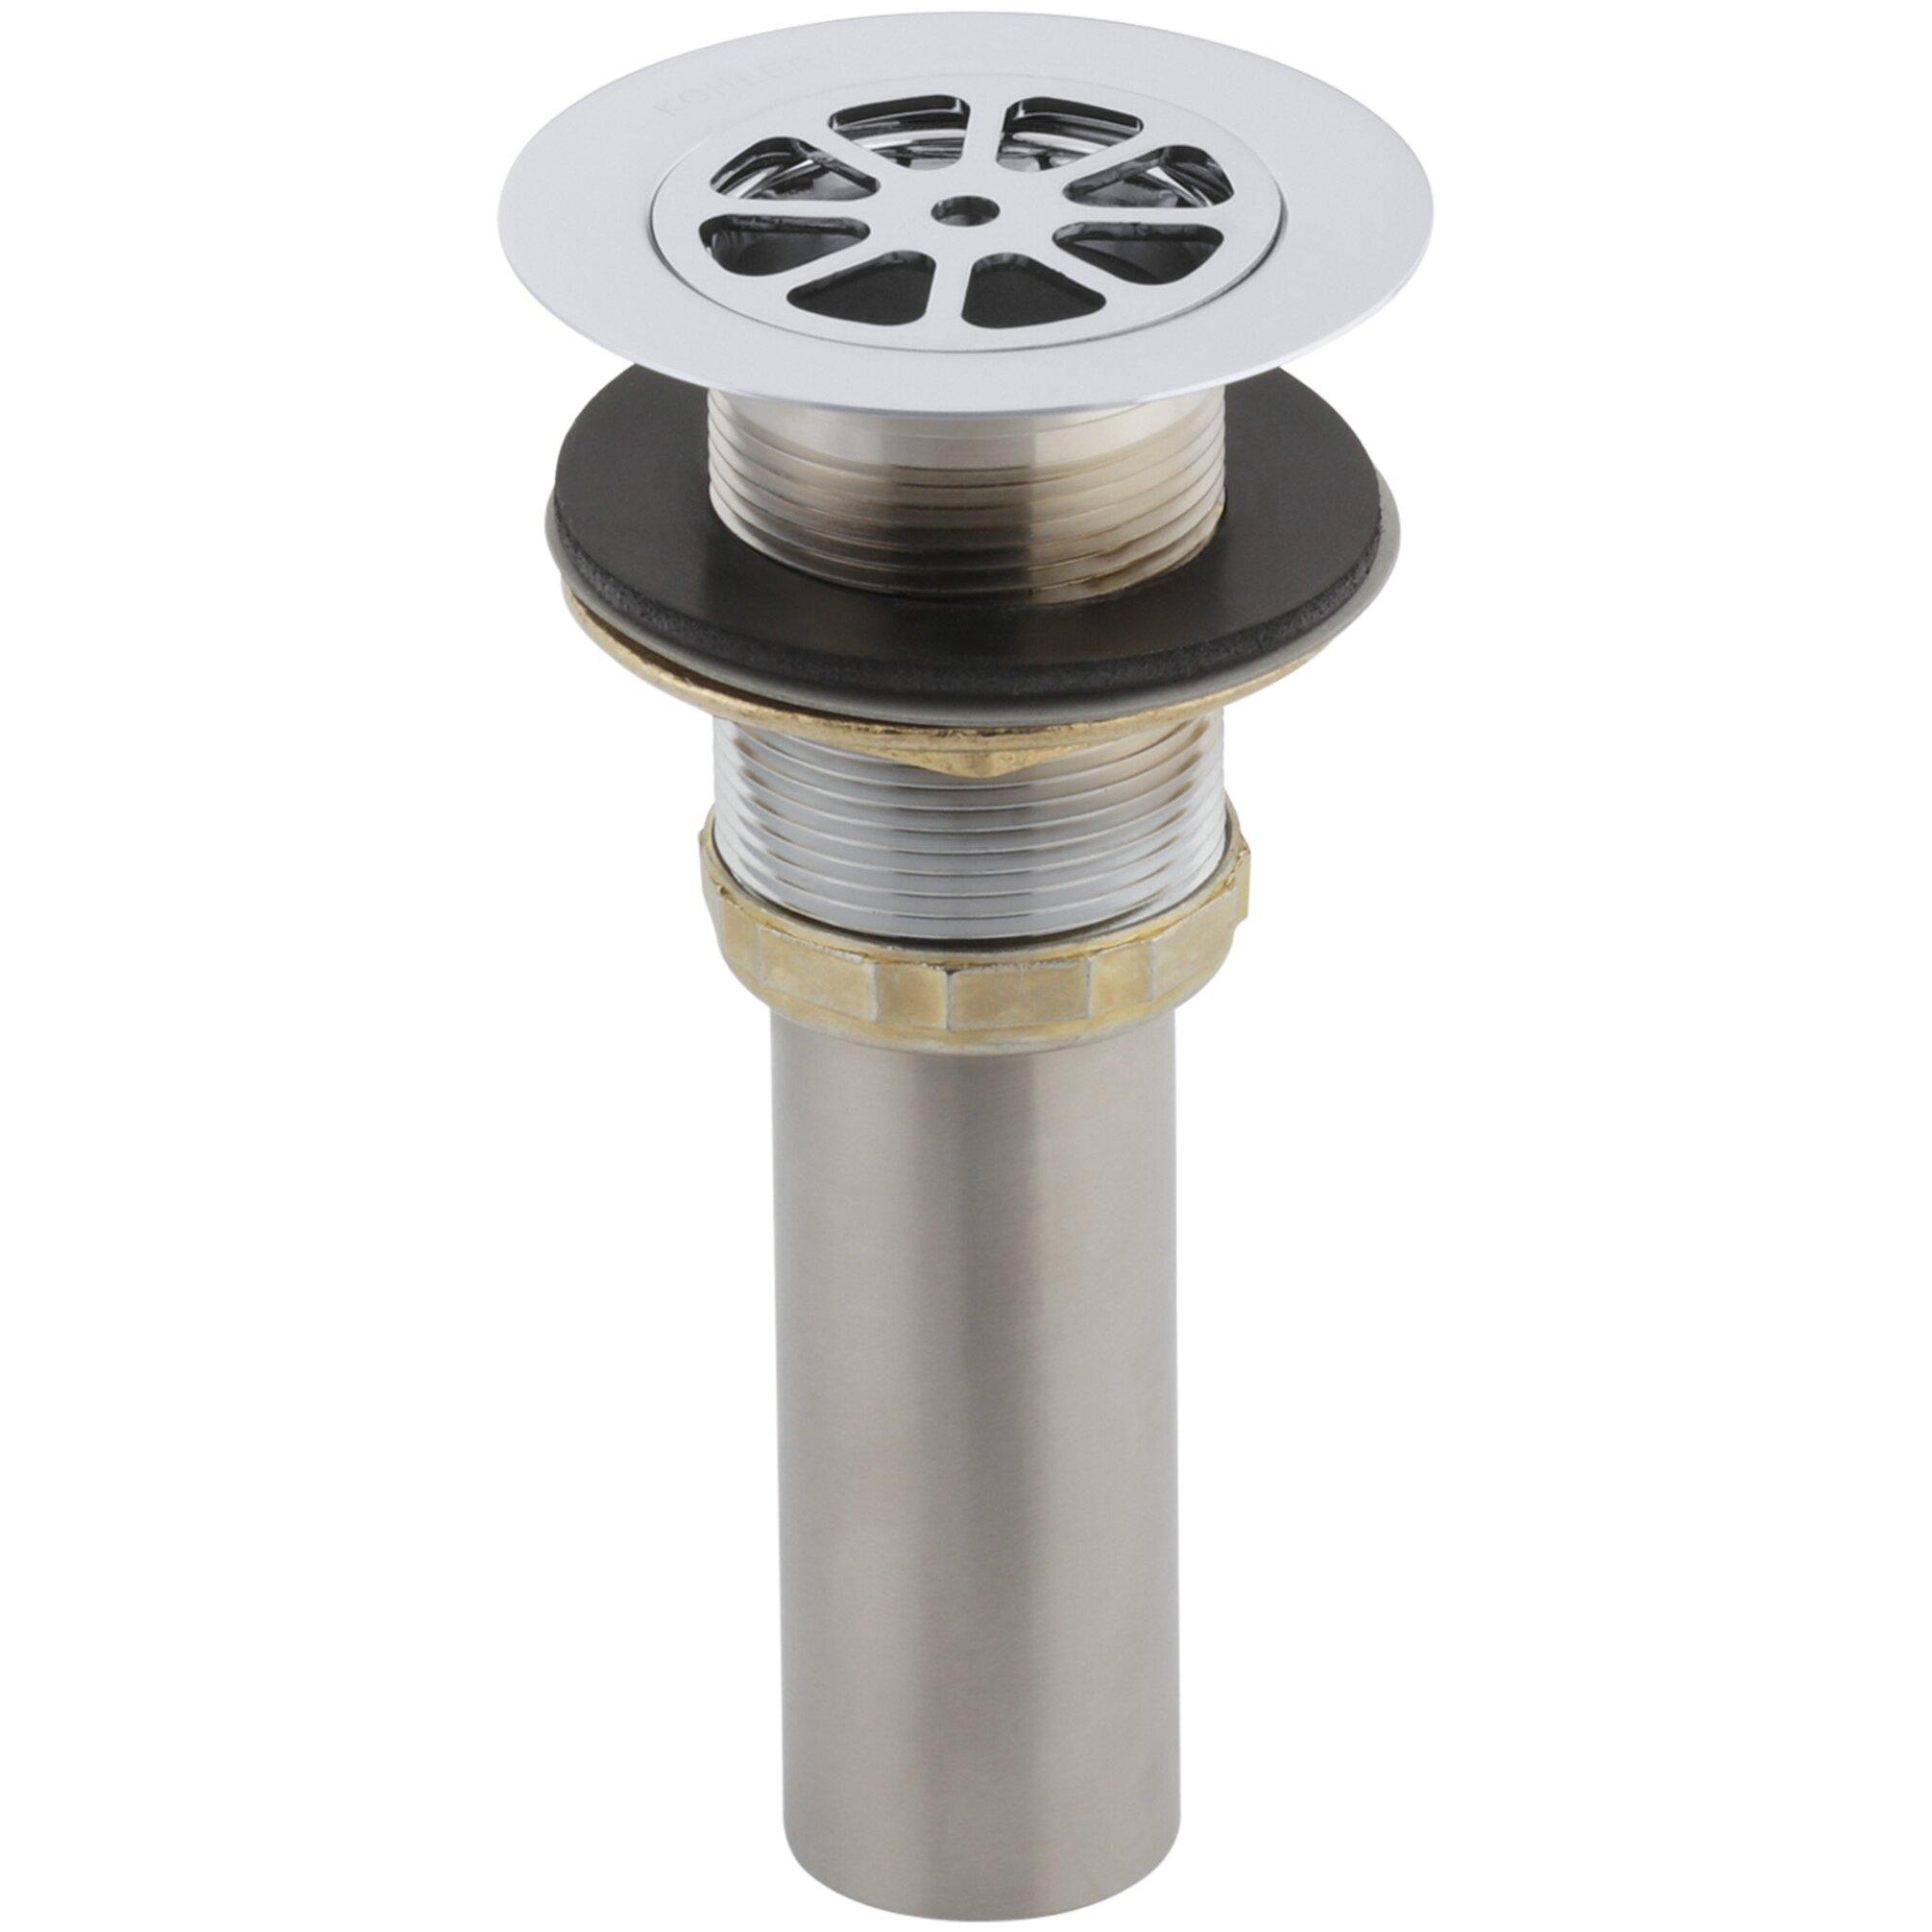 Kohler Sink Drain : Kohler 3.38